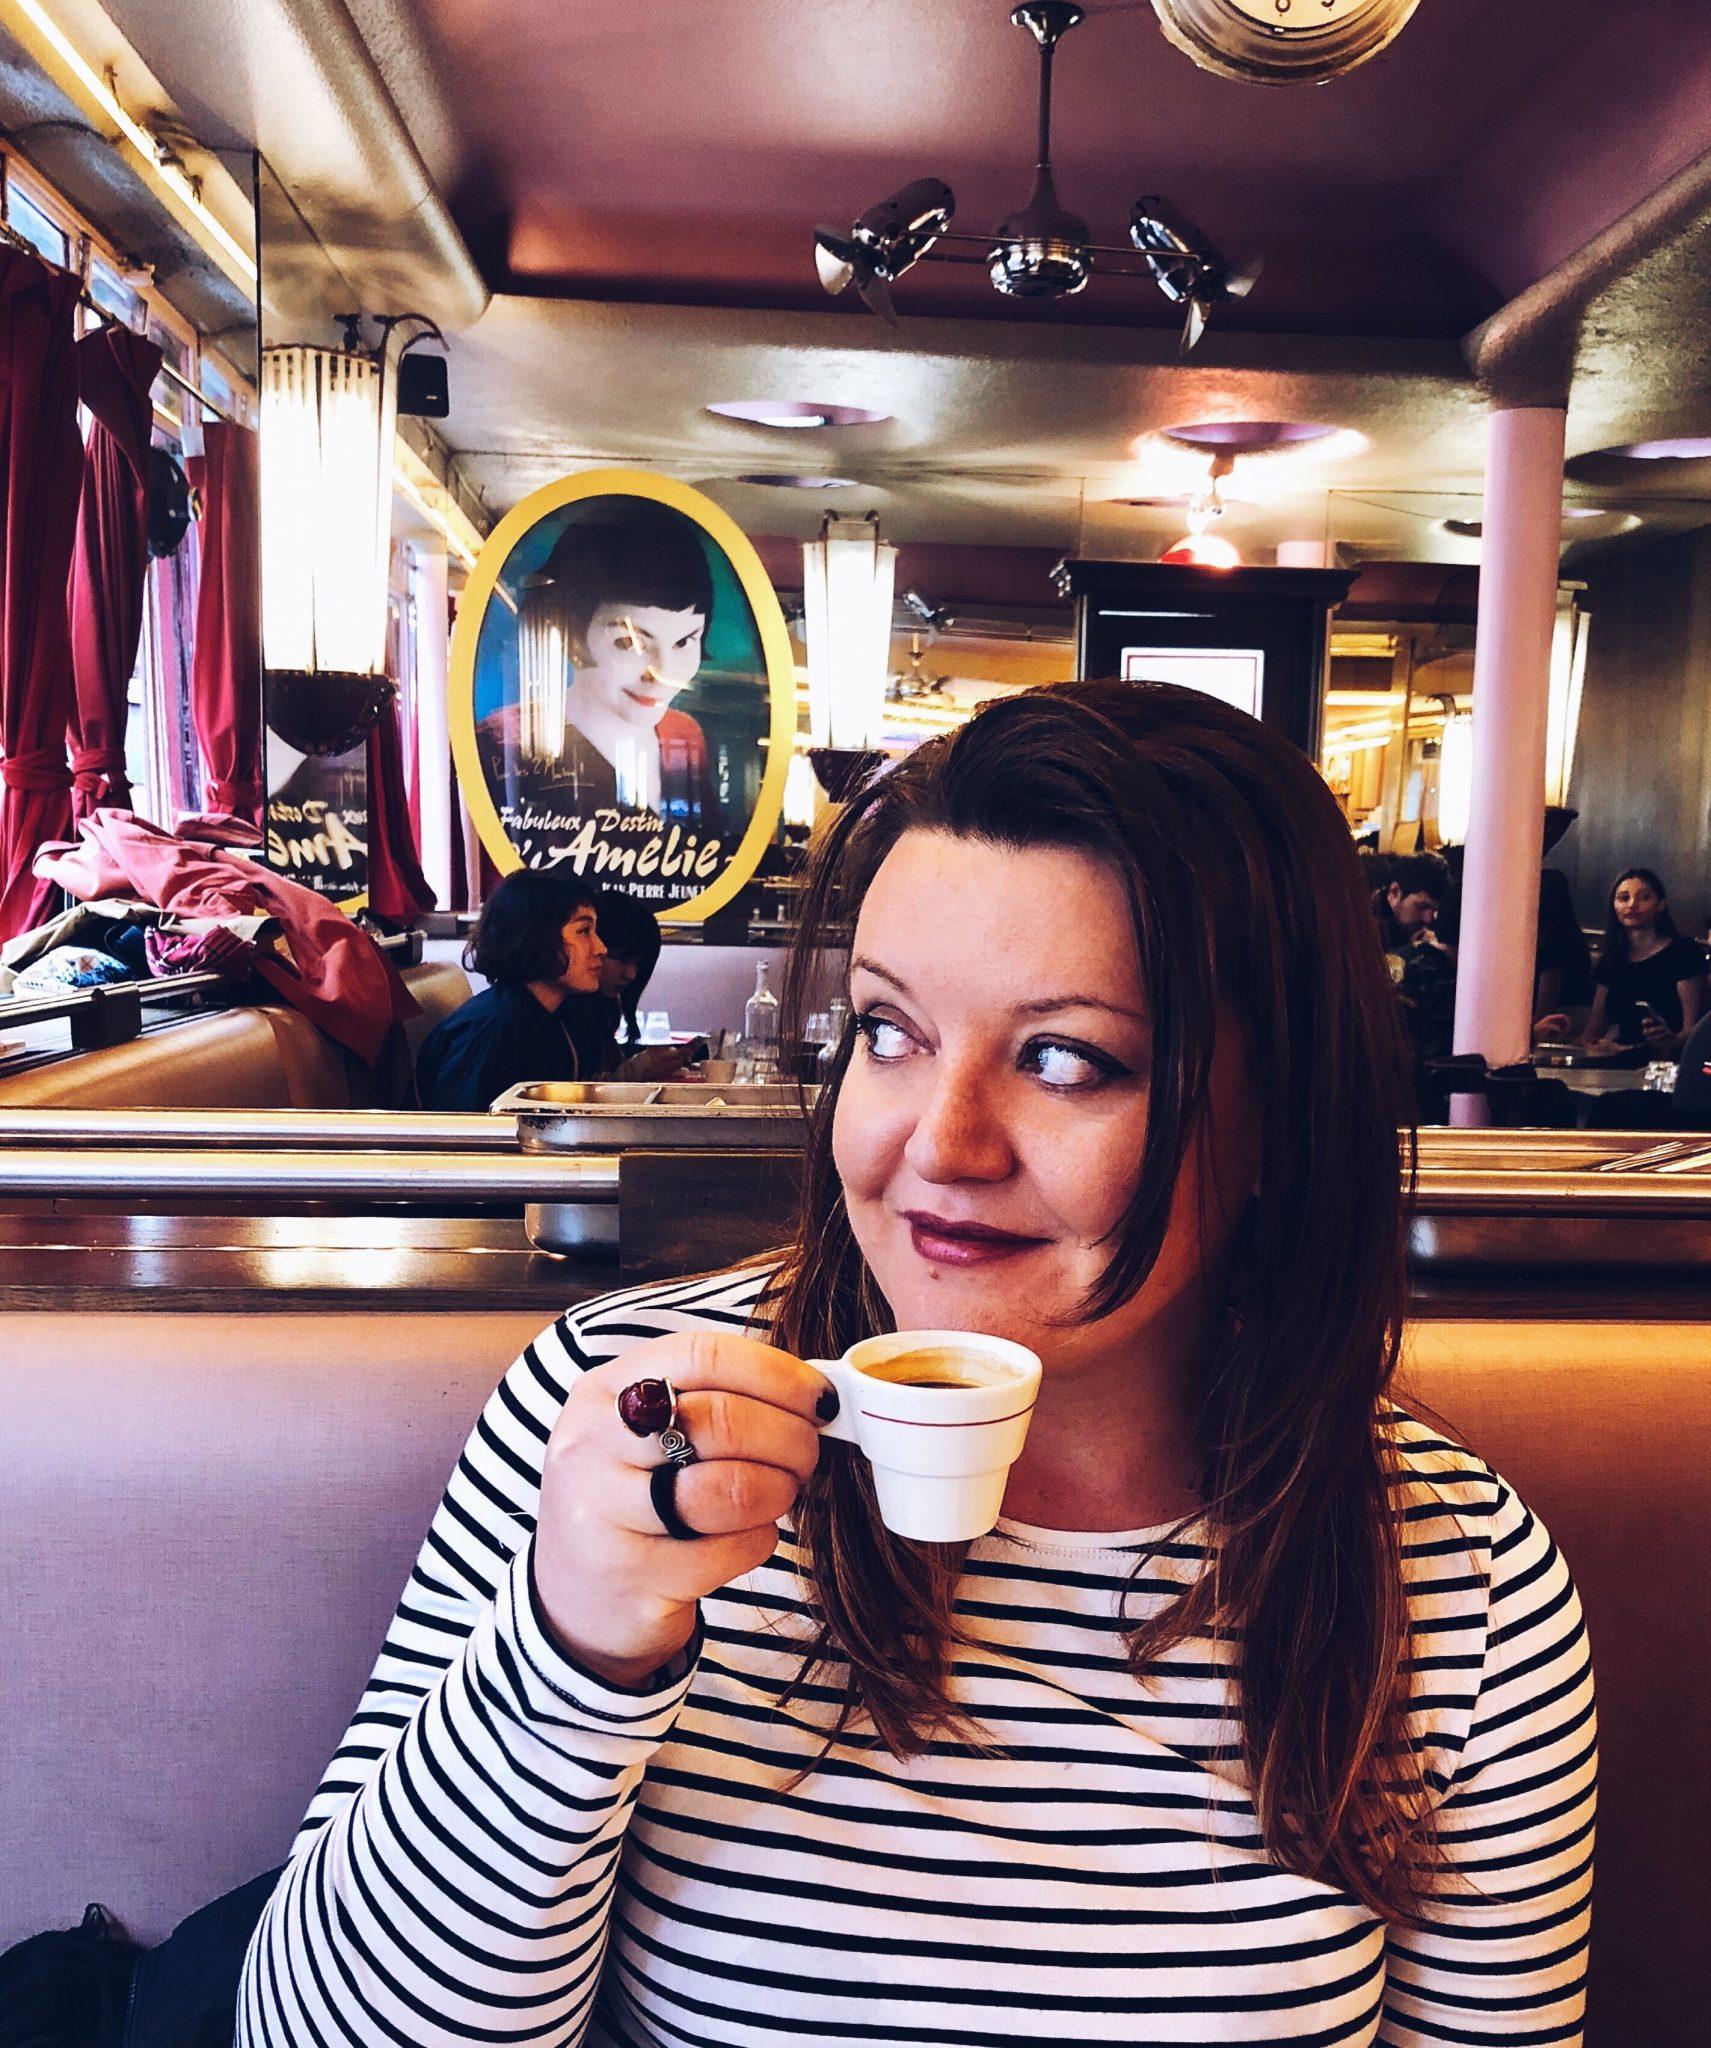 ragazza che sorseggia un caffè al Cafè des deux Moulins a Parigi con un manifesto del favoloso mondo di Amélie sullo sfondo - tatianaberlaffa.com